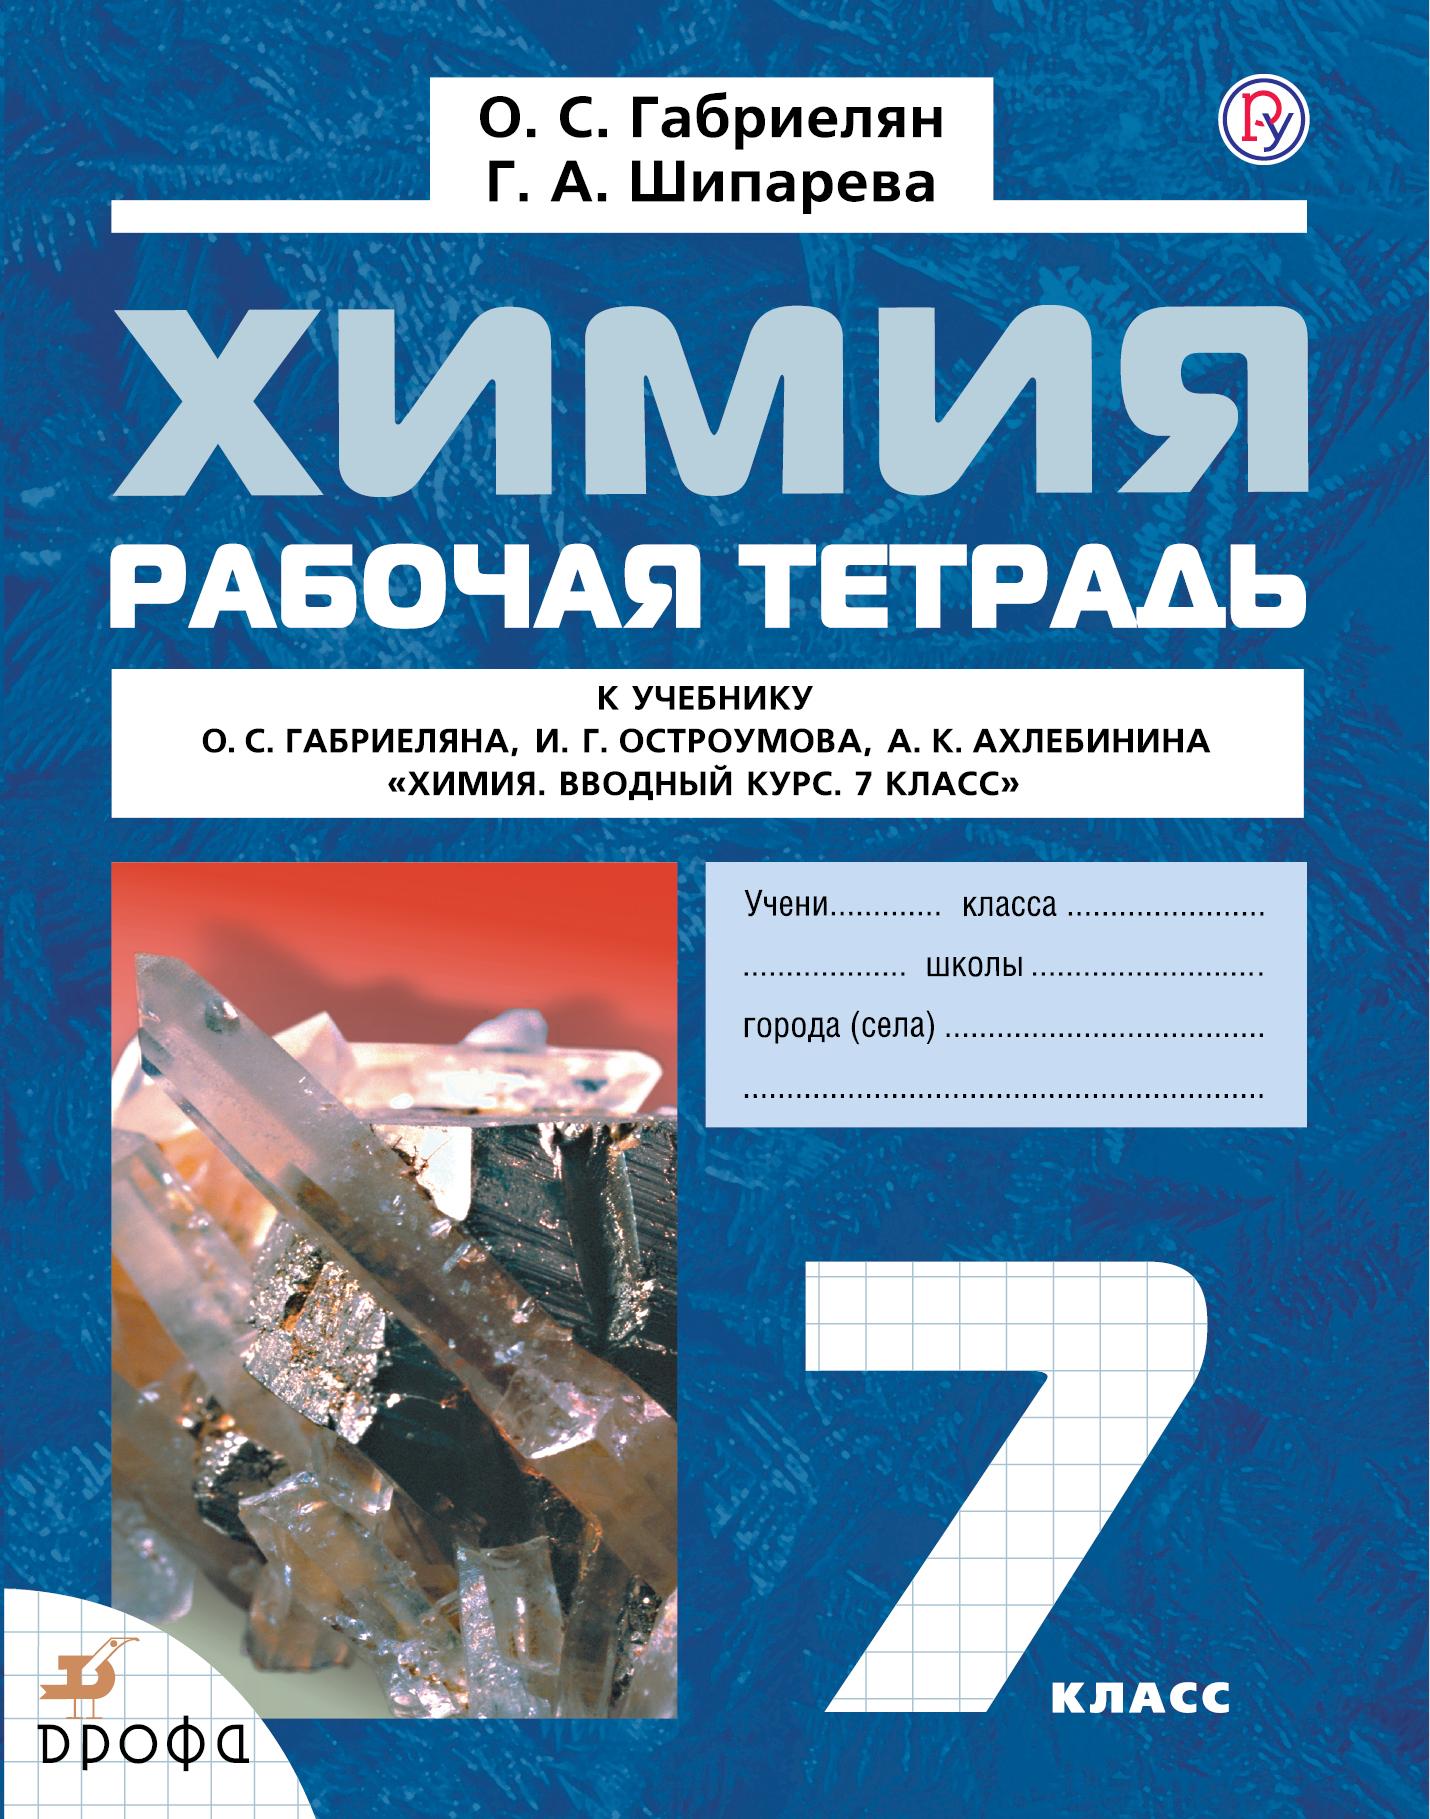 Химия Вводный курс.7кл.Рабочая тетрадь ФГОС ( Габриелян О.С., Шипарёва Г.А.  )